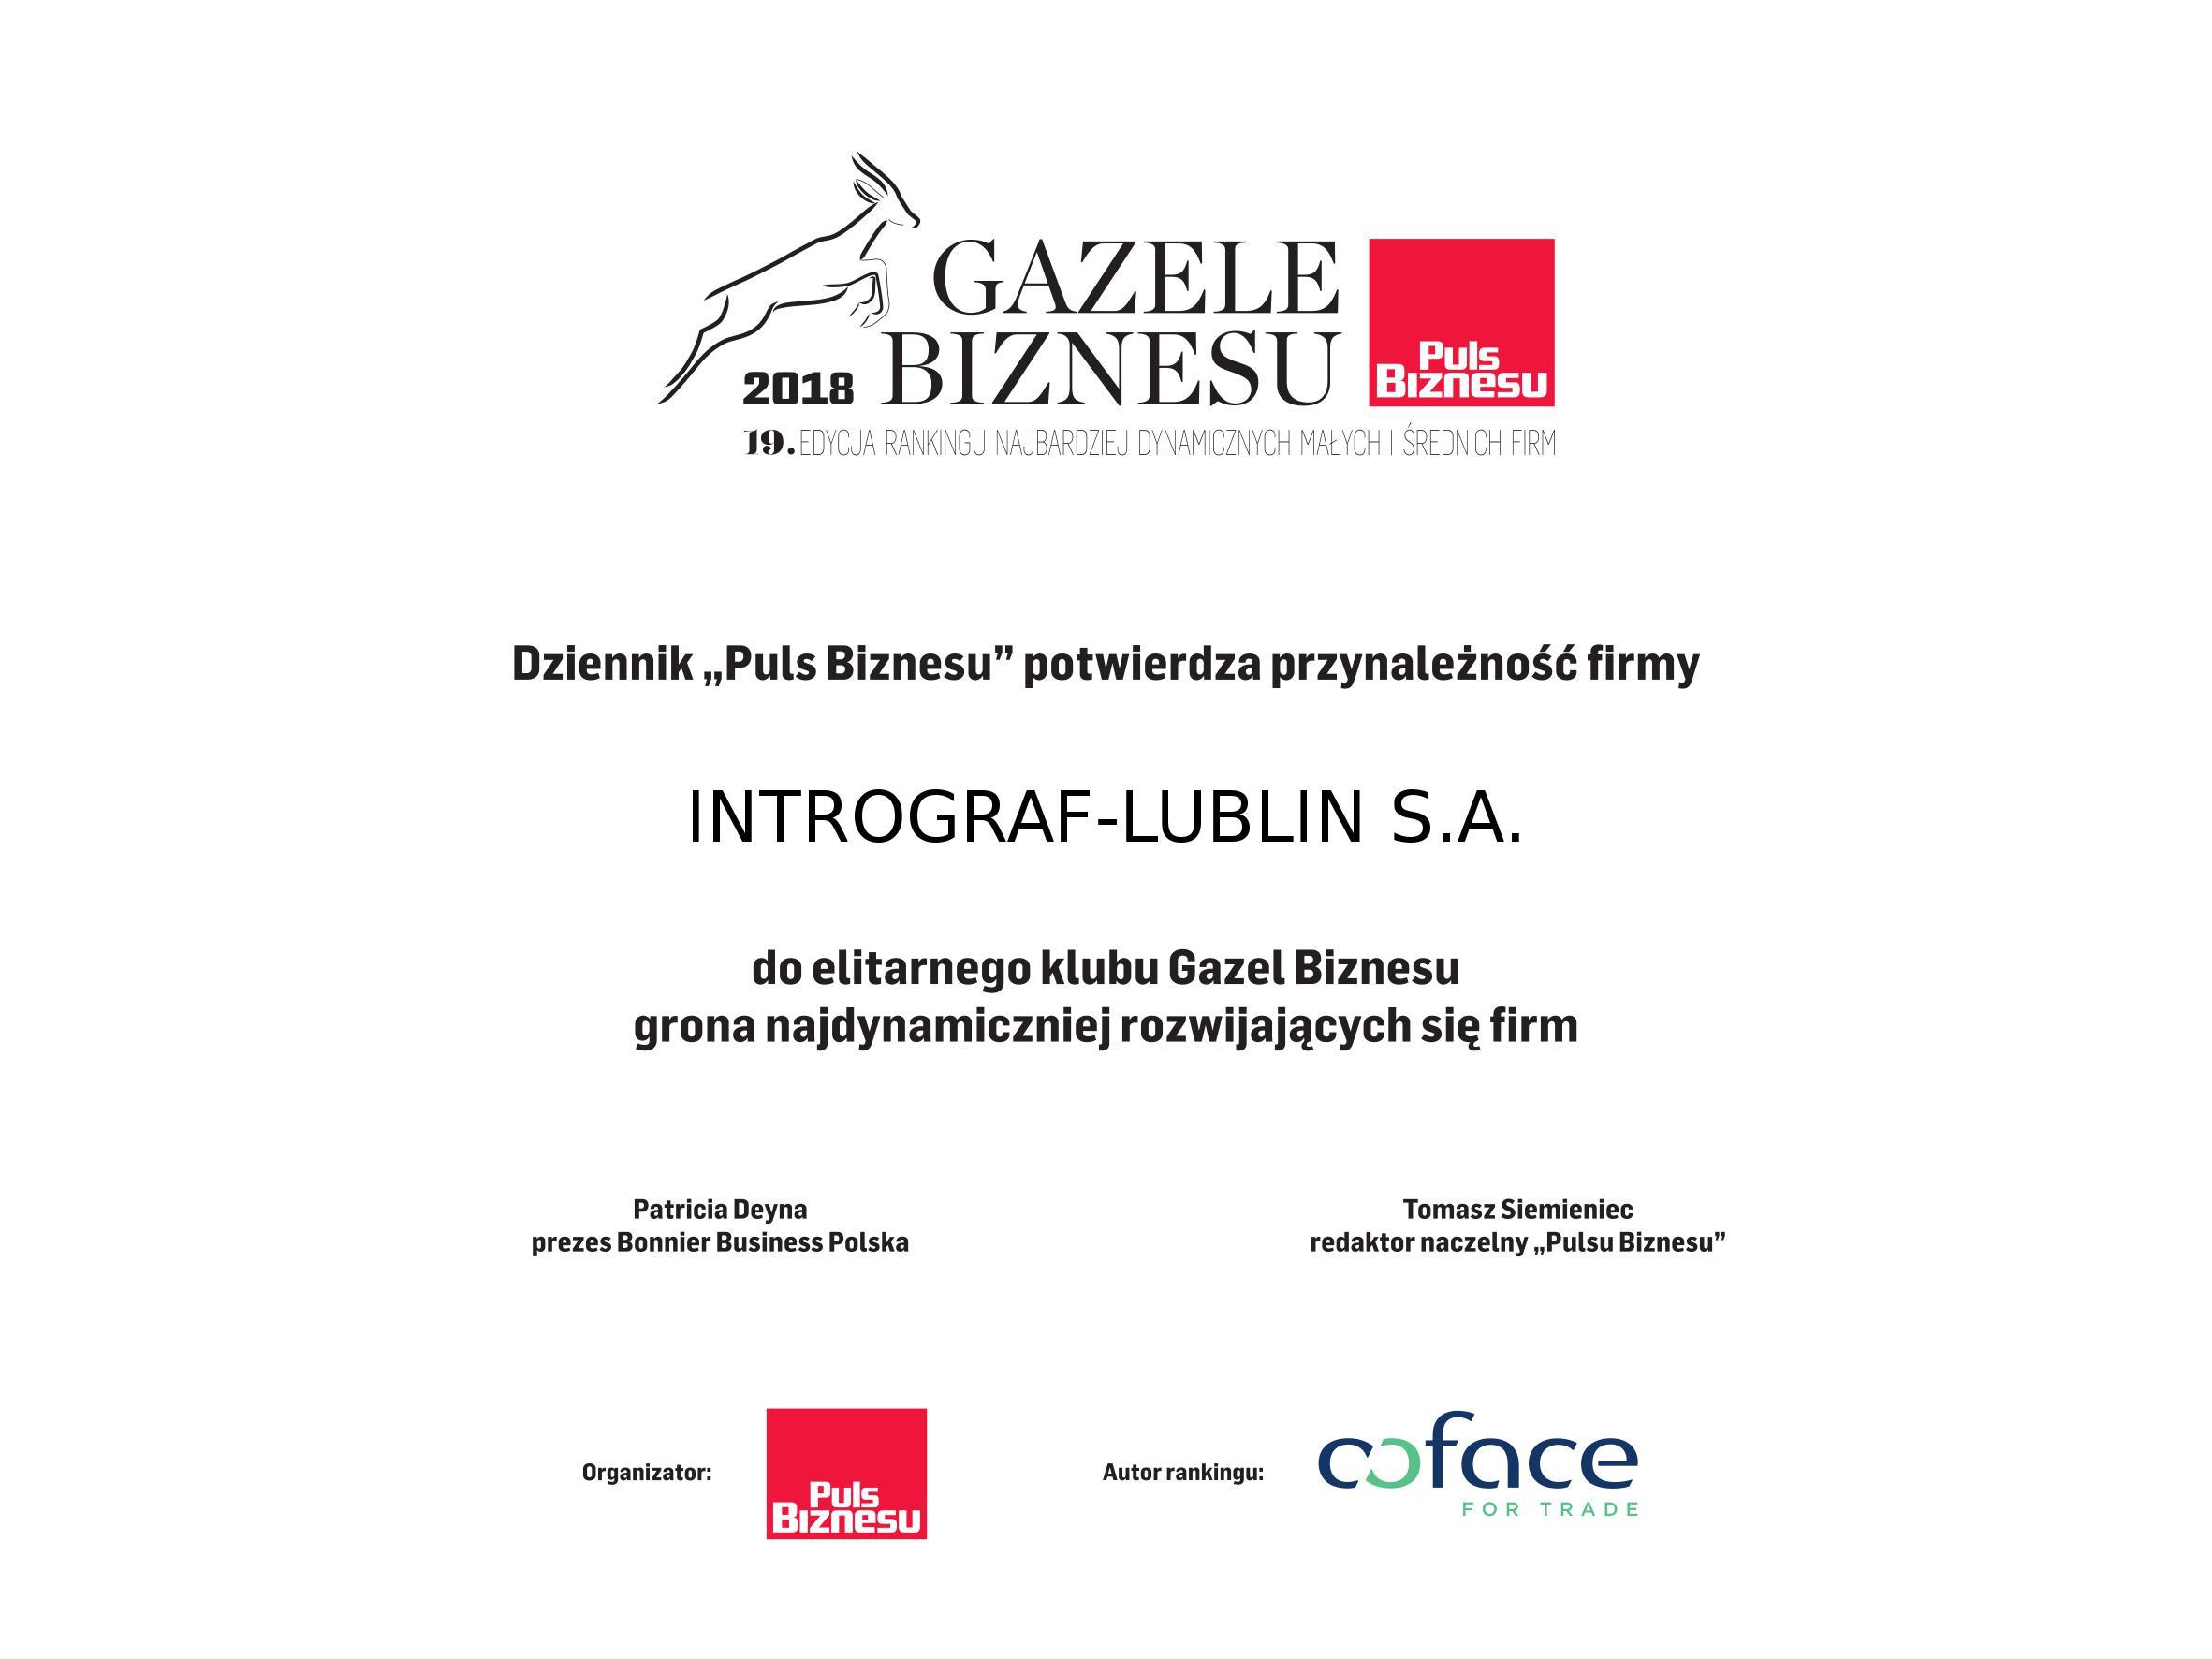 Gazele-Biznesu-2018-Intrograf.jpg